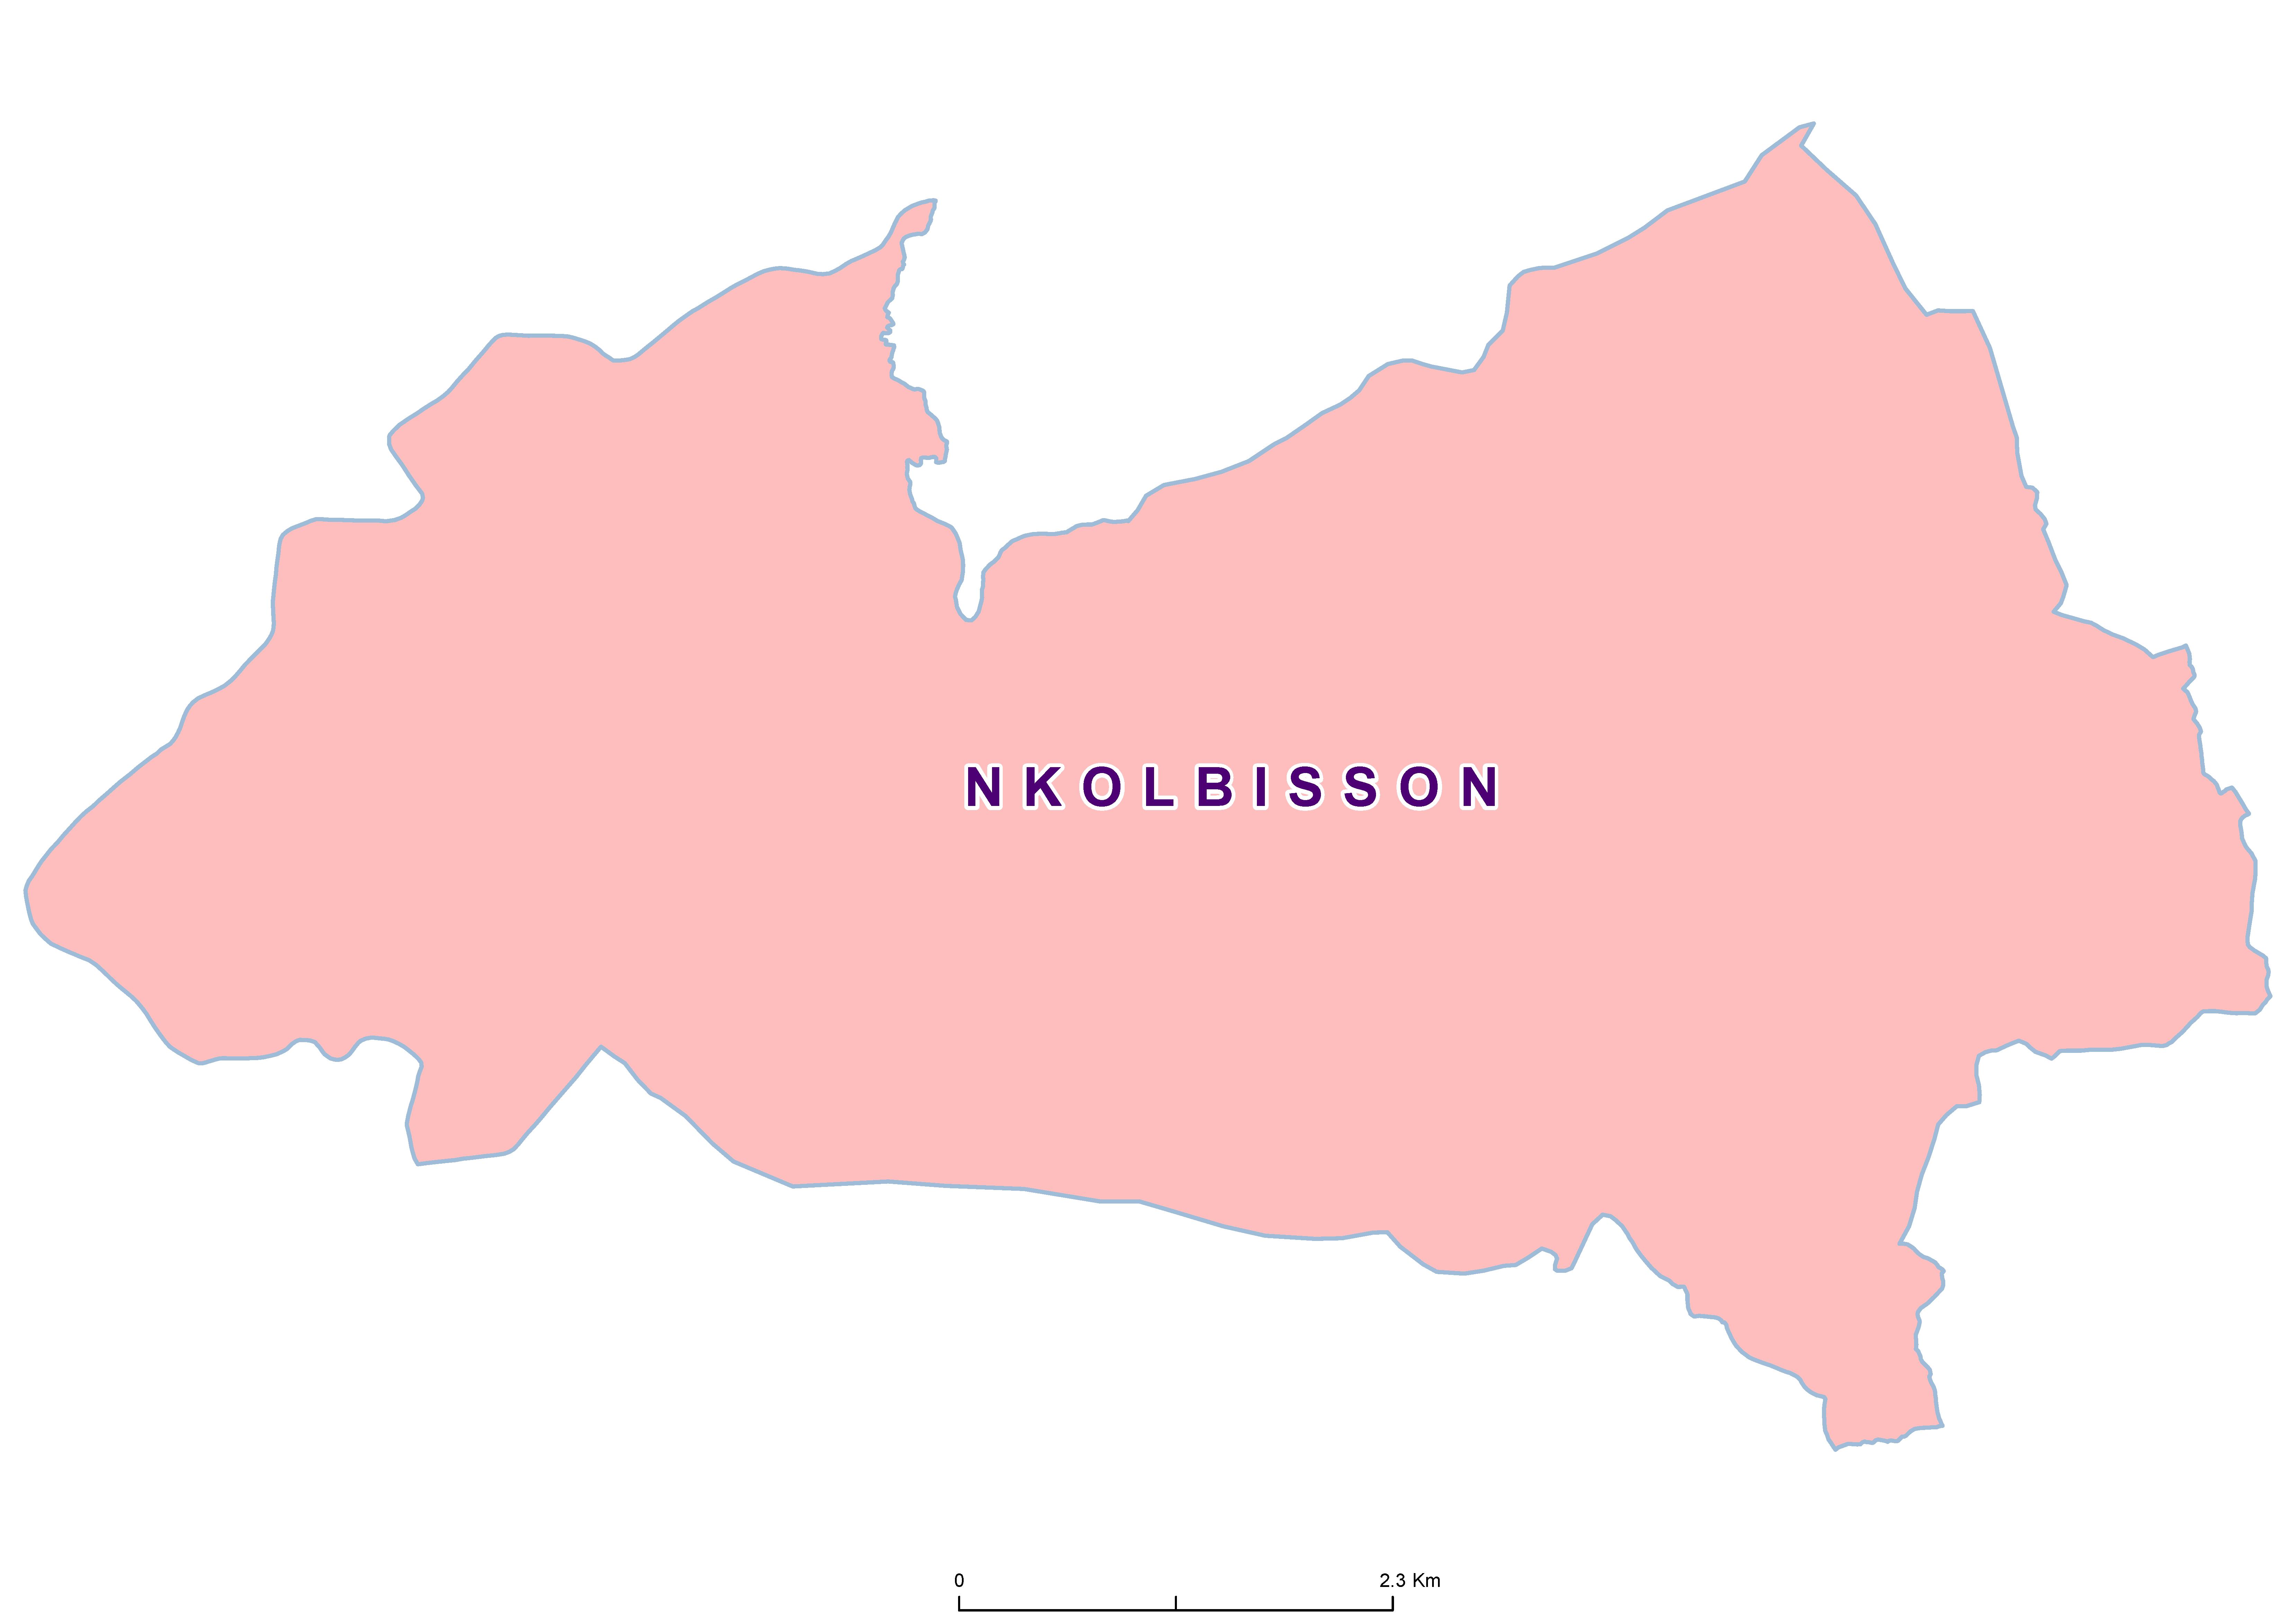 Nkolbisson Mean SCH 20180001